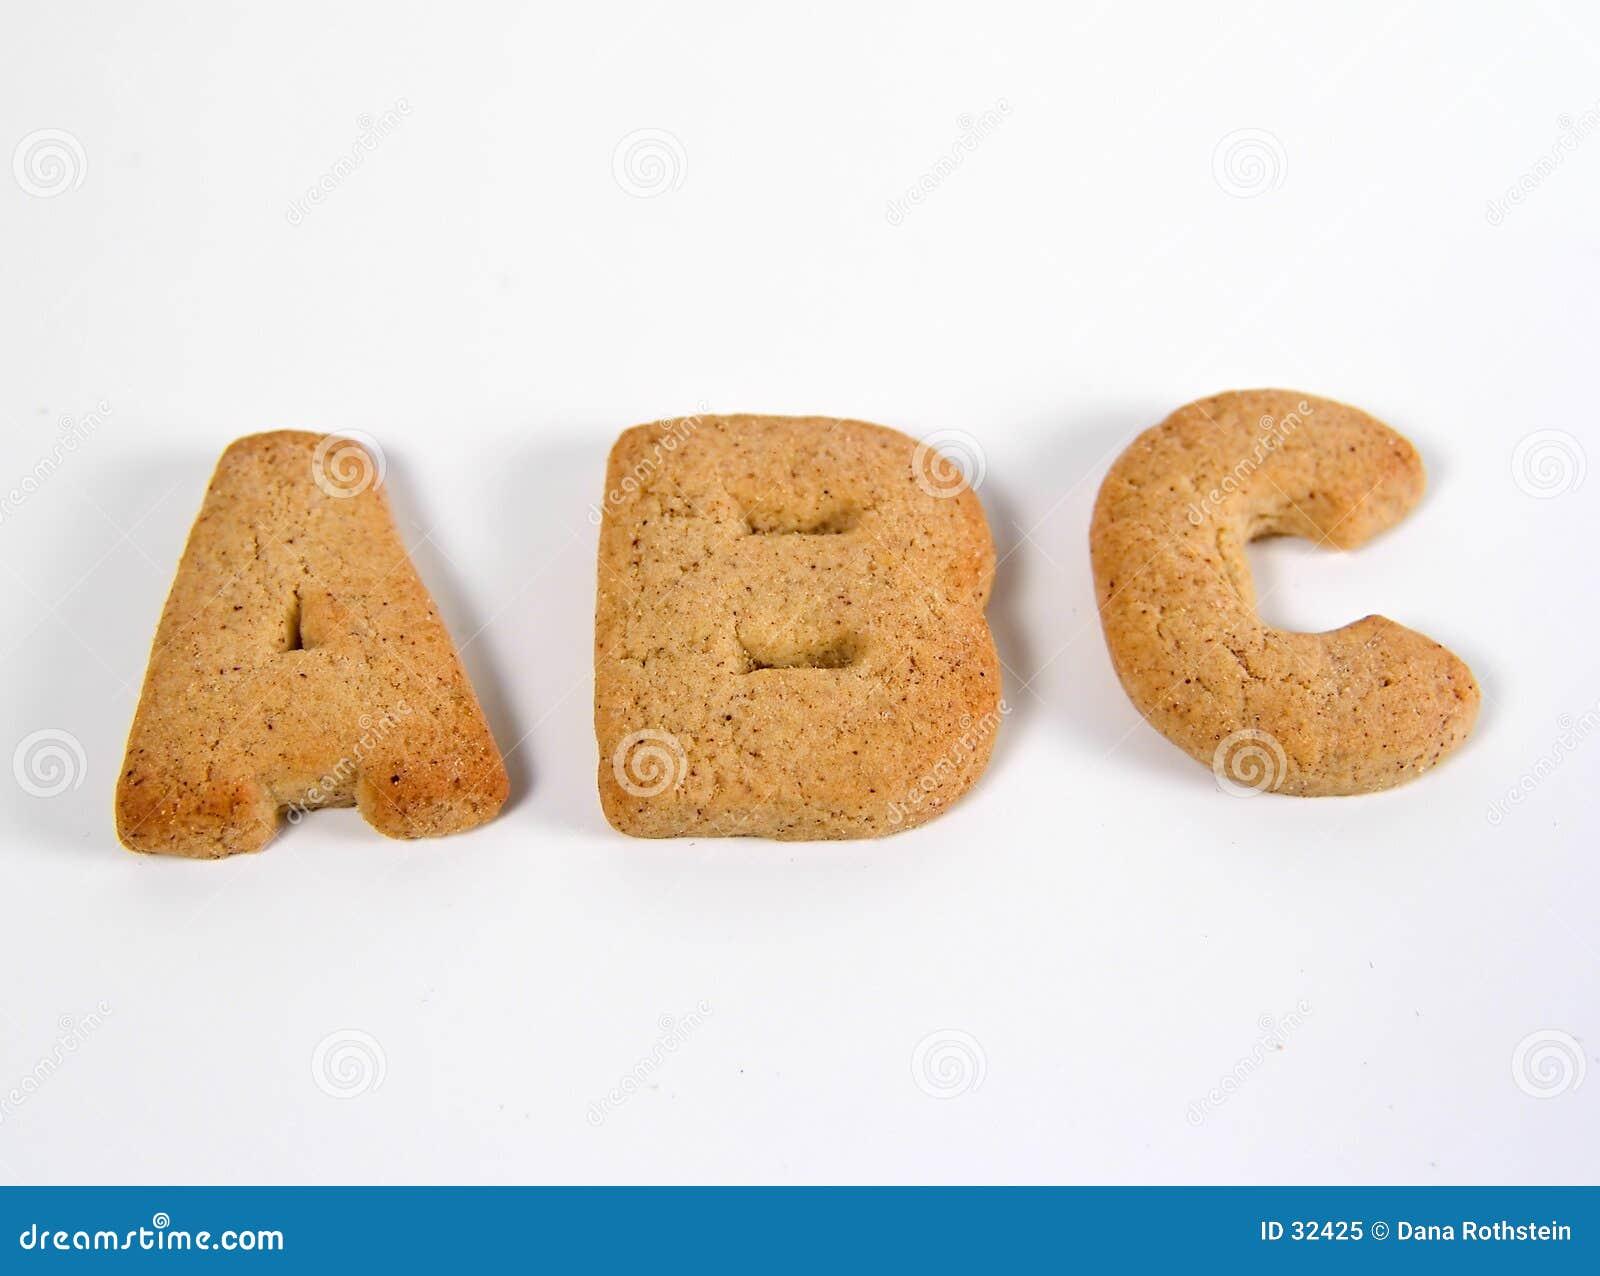 Download ABC-Plätzchen stockbild. Bild von kuchen, gebäck, spritzt - 32425